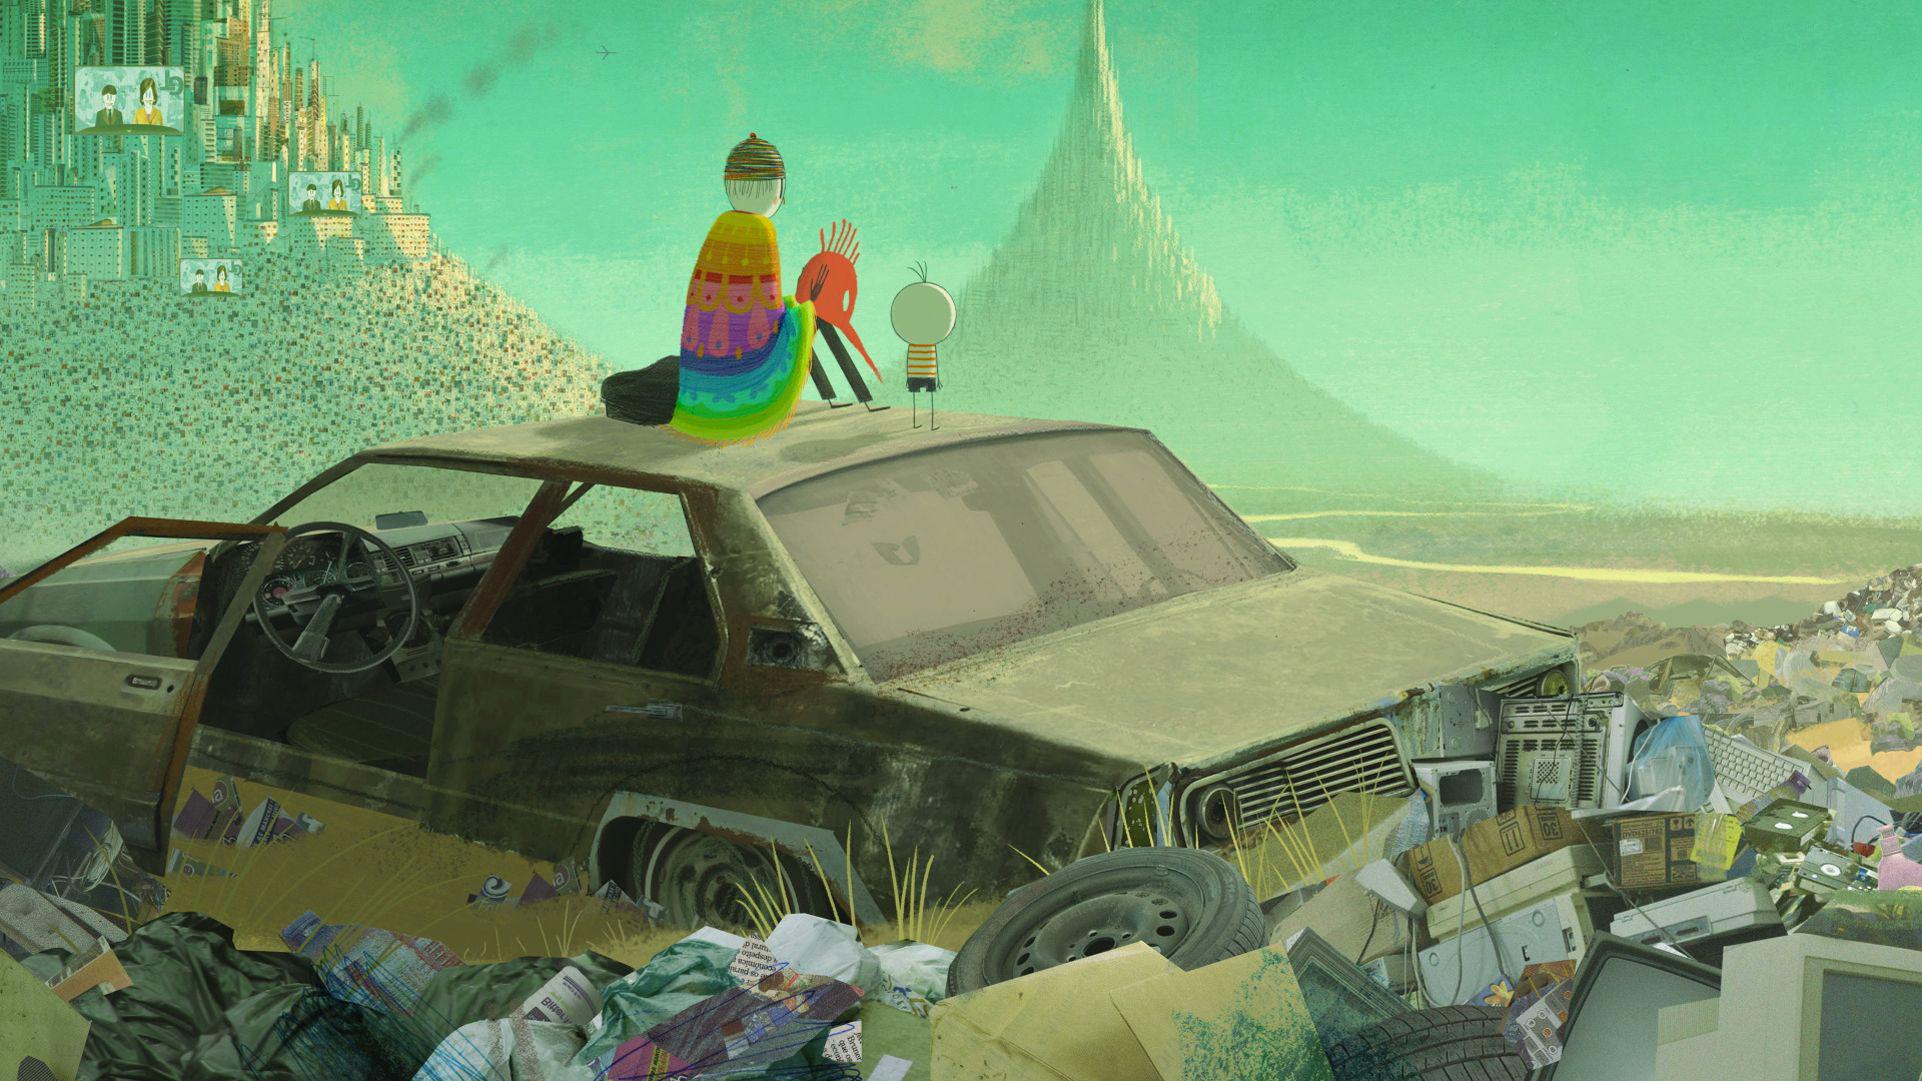 """""""Chłopiec i świat"""", reż. Alê Abreu, Brazylia, 2013 (źródło: materiały prasowe organizatora)"""